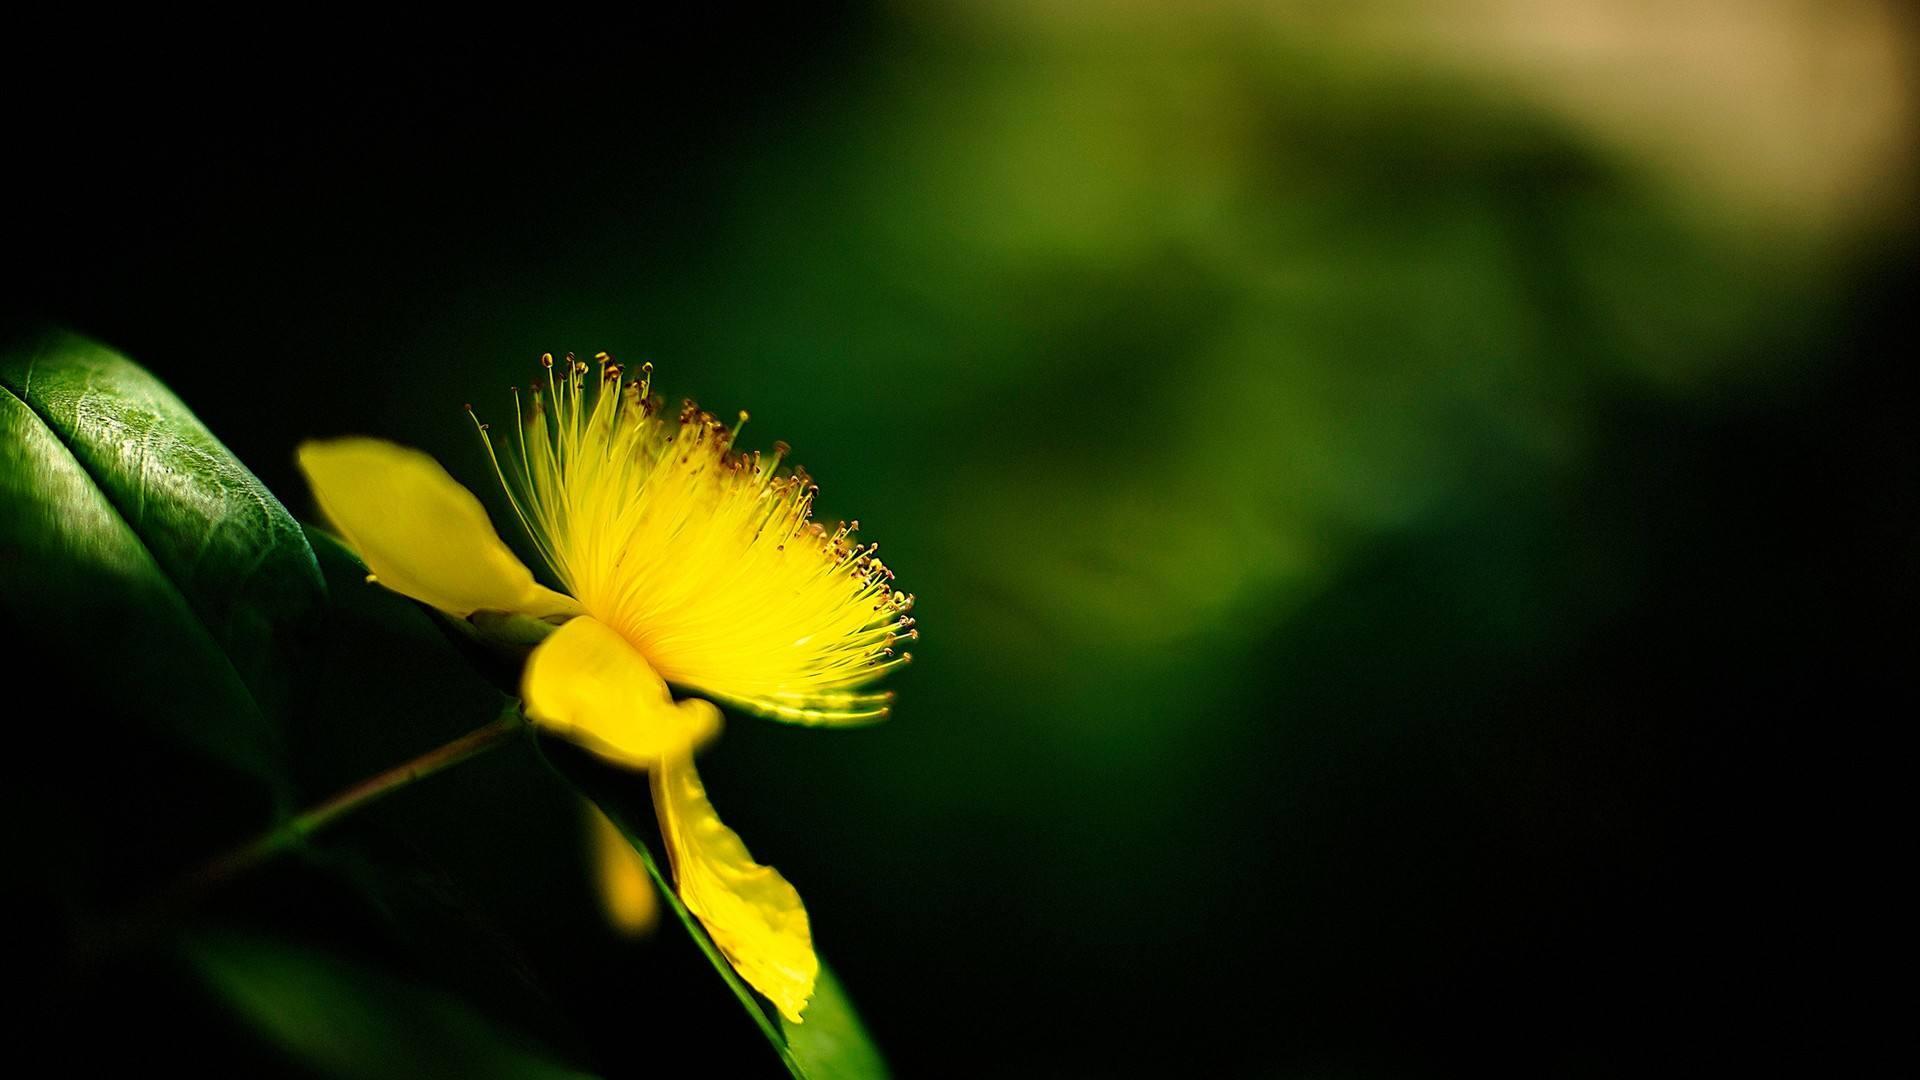 思考人生的正能量说说:抓住每一次机会,不要让自己后悔